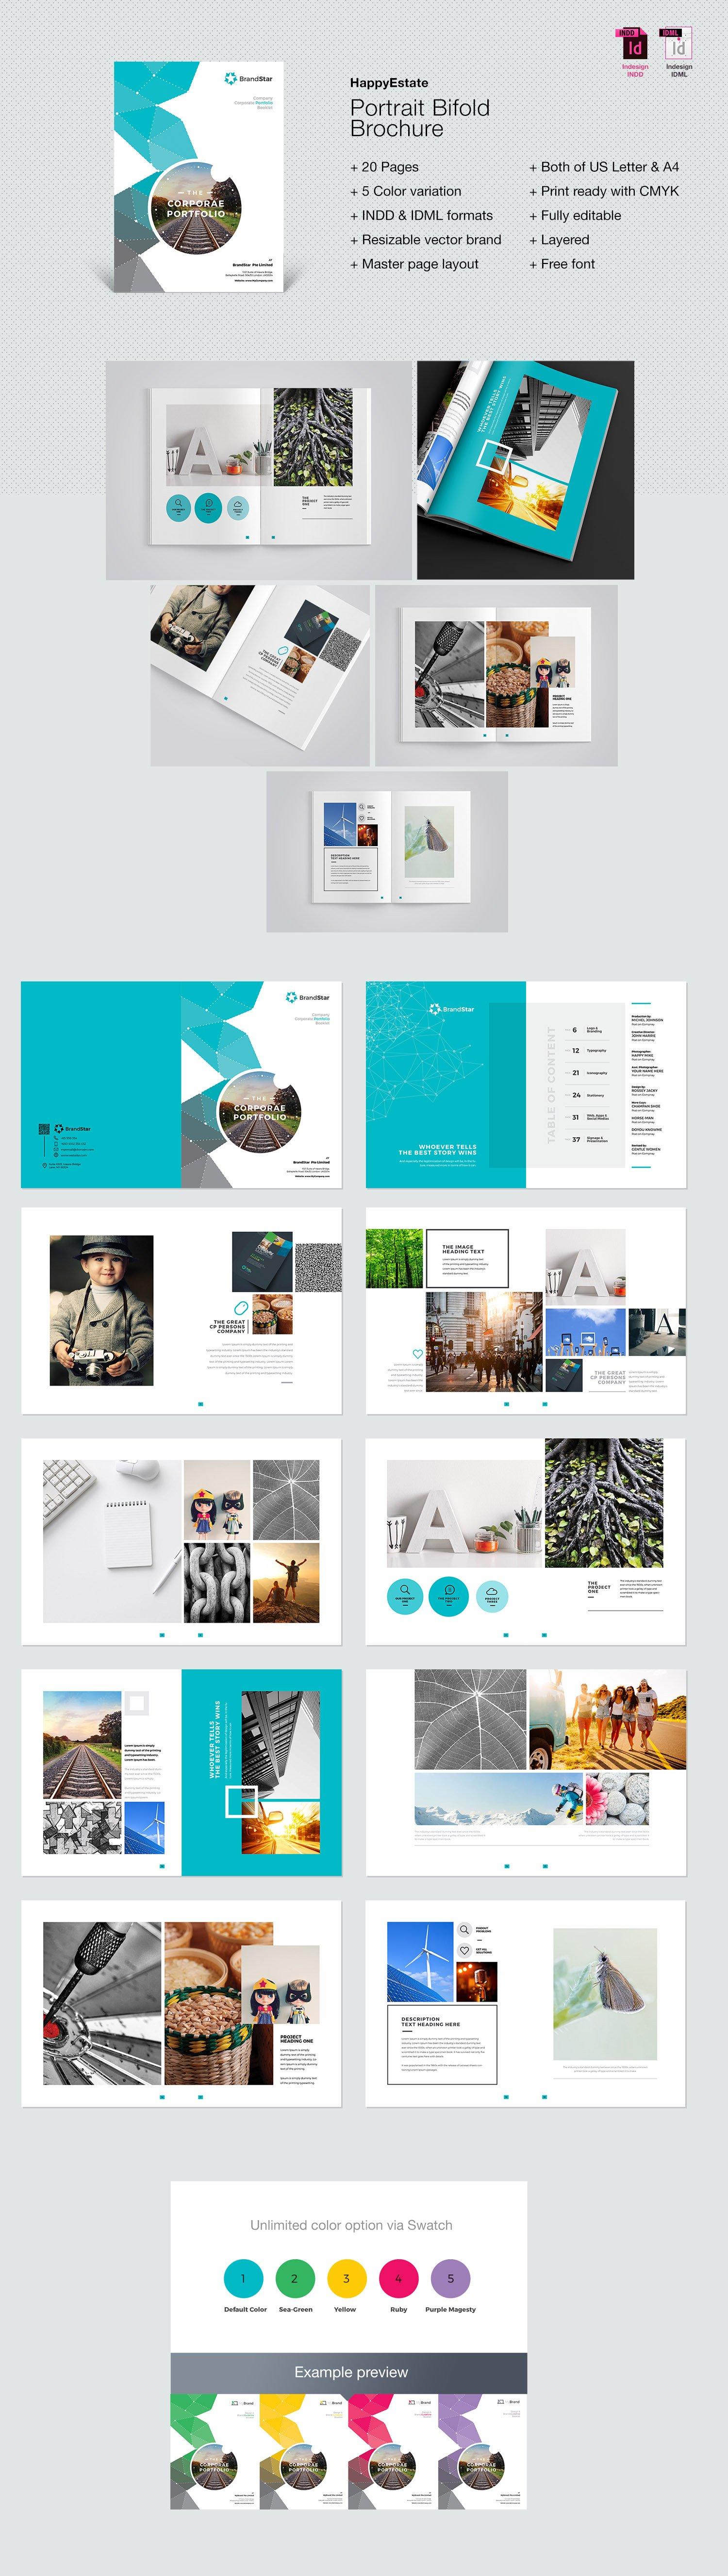 دانلود مجموعه قالب های ایندیزاین بروشورهای تجاری و تبلیغاتی متنوع (پکیج طلایی 13)